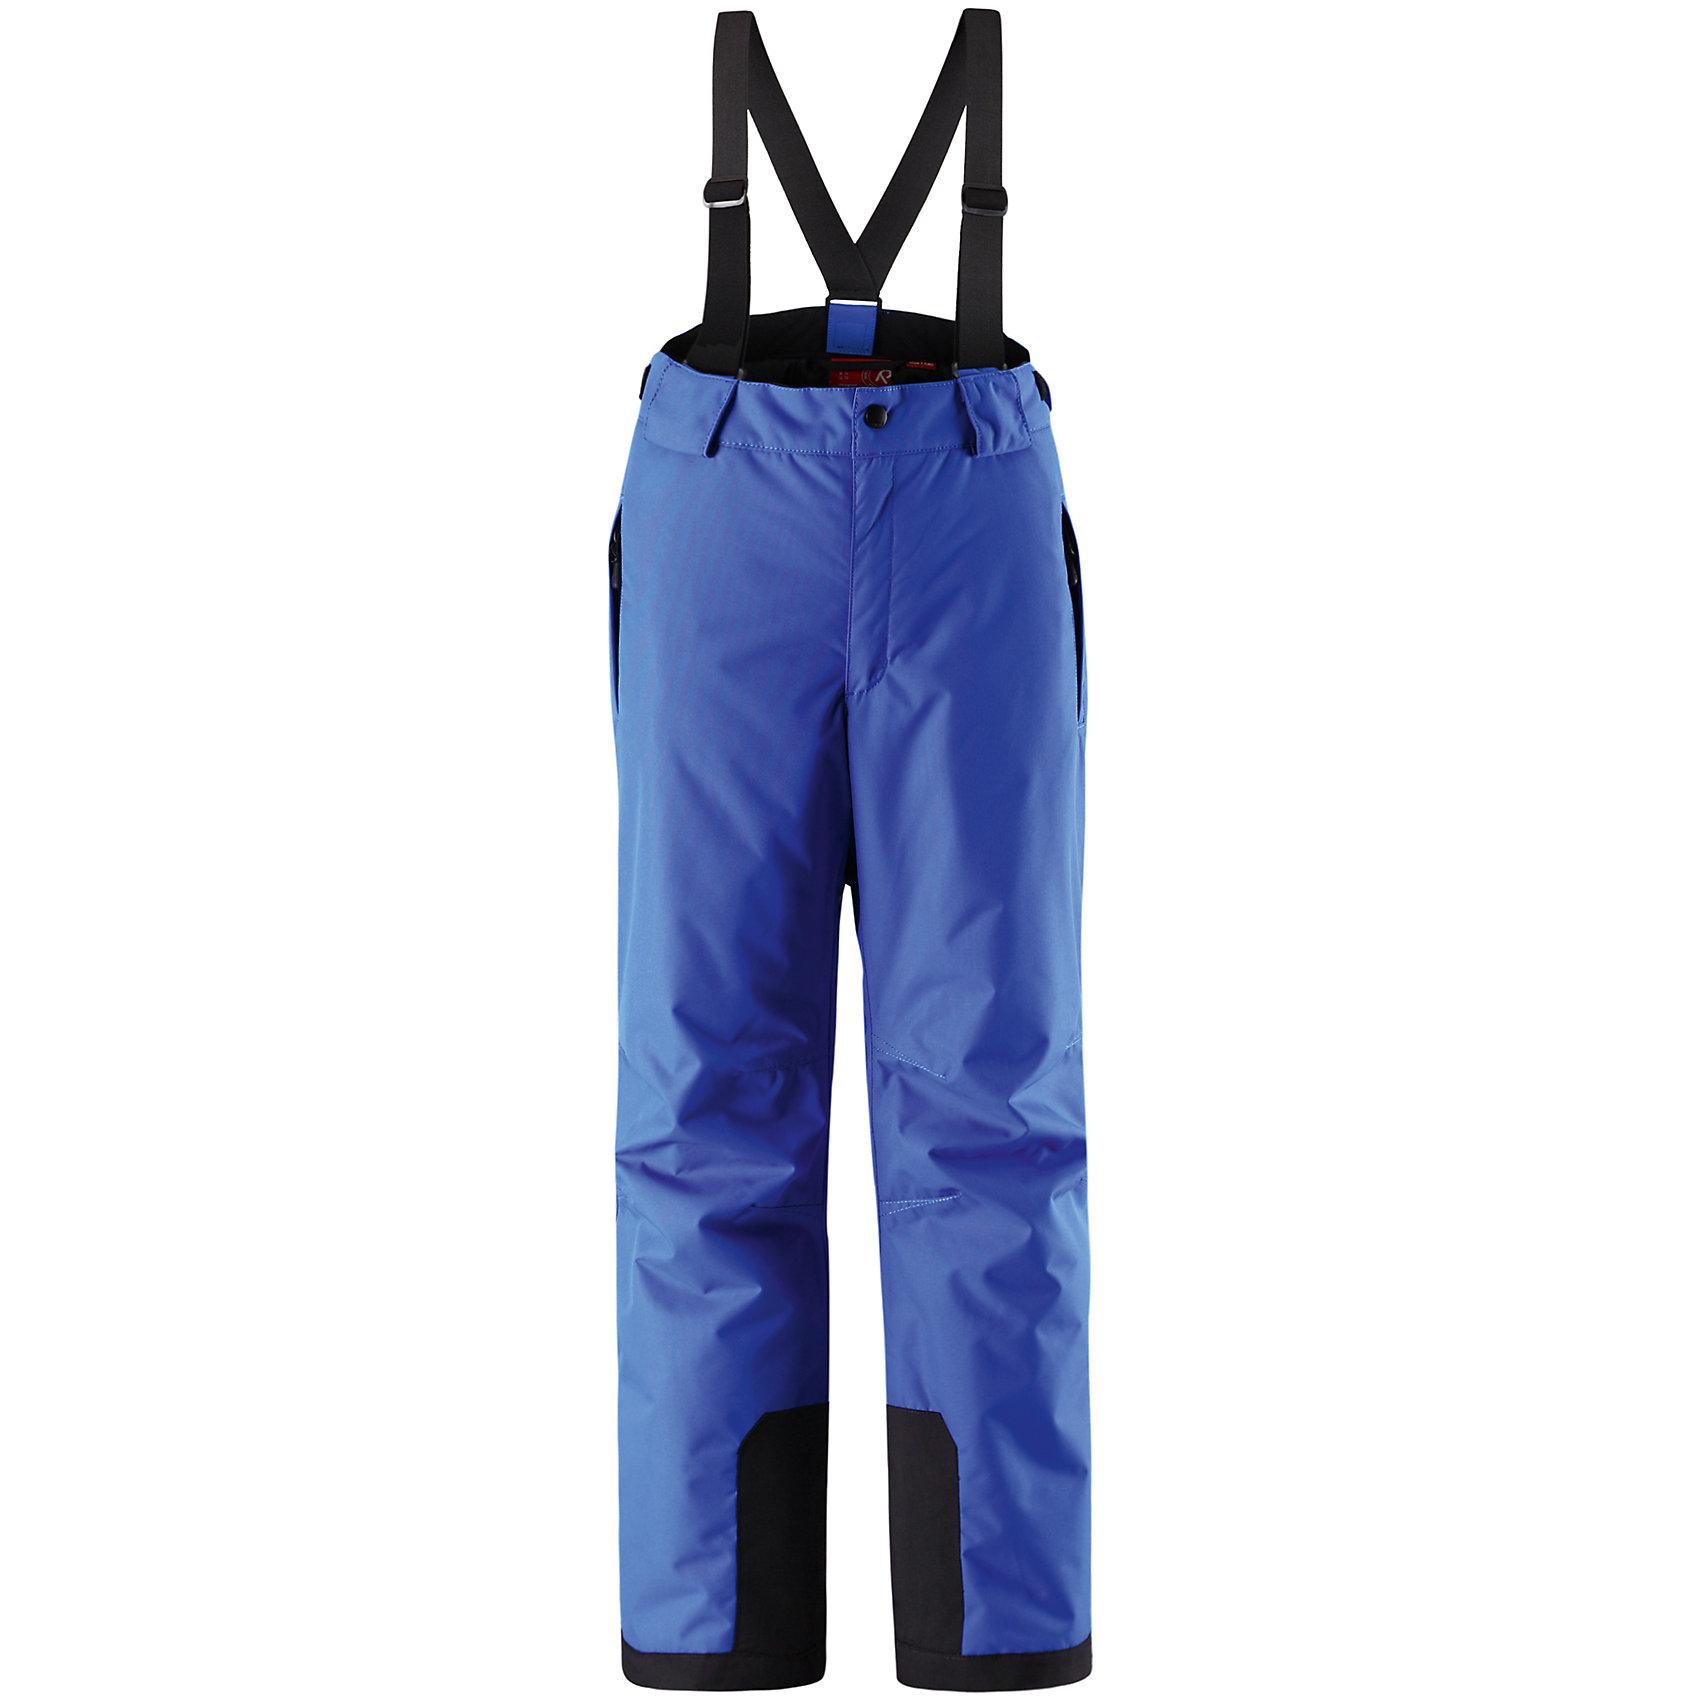 Брюки ReimaБрюки Reima (Рейма), синий от известного финского производителя  детской одежды Reima. Зимние брюки выполнены из полиамида, который обладает высокой износоустойчивостью, воздухопроницаемыми, водооталкивающими и грязеотталкивающими свойствами. Изделие устойчиво к изменению формы и цвета даже при длительном использовании. Силуэт изделия имеет классическую форму: прямые брюки с высокой посадкой, съемными подтяжками и широким поясом. Пояс по ширине регулируется застежками на липучках, по бокам брюк имеются втачные карманы с застежками-молниями. У брюк все швы проклеенные, снизу брючин предусмотрена блокировка на кнопках от попадания снега. Зимние брюки от Reima  можно носить при температуре до - 20 градусов.    <br><br>Дополнительная информация:<br><br>- Предназначение: повседневная одежда для прогулок и активного отдыха<br>- Цвет: синий<br>- Пол: для мальчика/для девочки<br>- Состав: 100% полиамид, полиуретановое покрытие<br>- Сезон: зима<br>- Особенности ухода: стирать изделие, предварительно вывернув его на левую сторону, не использовать отбеливающие вещества<br><br>Подробнее:<br><br>• Для детей в возрасте: от 9 лет и до 10 лет<br>• Страна производитель: Китай<br>• Торговый бренд: Reima, Финляндия<br><br>Брюки Reima (Рейма), синий можно купить в нашем интернет-магазине.<br><br>Ширина мм: 215<br>Глубина мм: 88<br>Высота мм: 191<br>Вес г: 336<br>Цвет: синий<br>Возраст от месяцев: 156<br>Возраст до месяцев: 168<br>Пол: Унисекс<br>Возраст: Детский<br>Размер: 164,158,128,146,152,134,140<br>SKU: 4869755